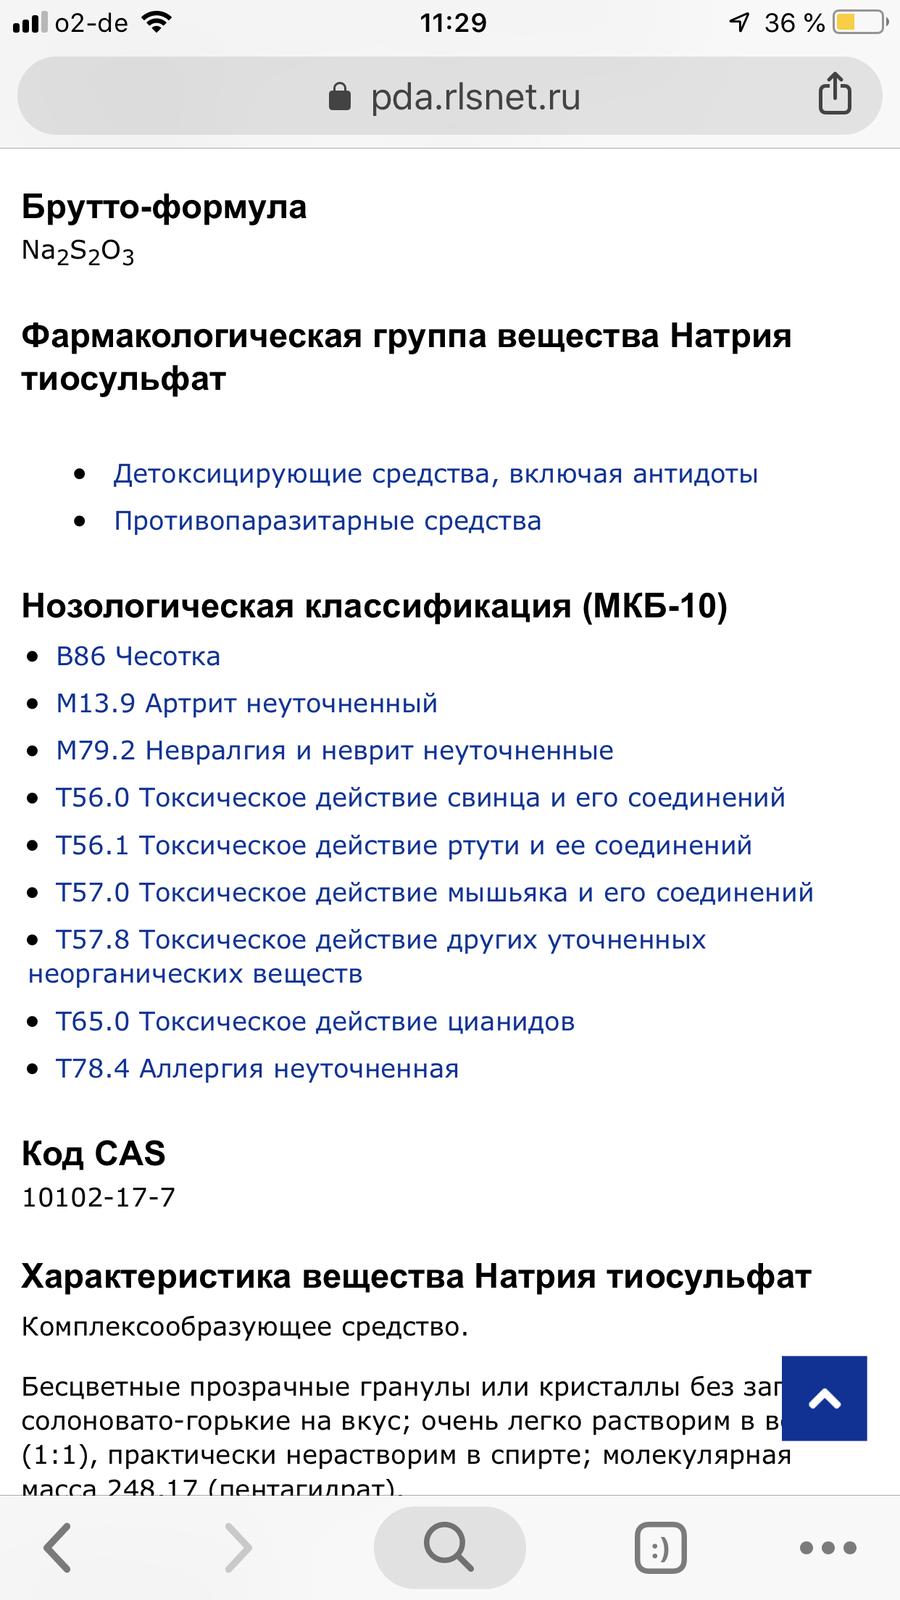 37D12309-9CFC-44A0-AB5F-11366EF3ECD8.png